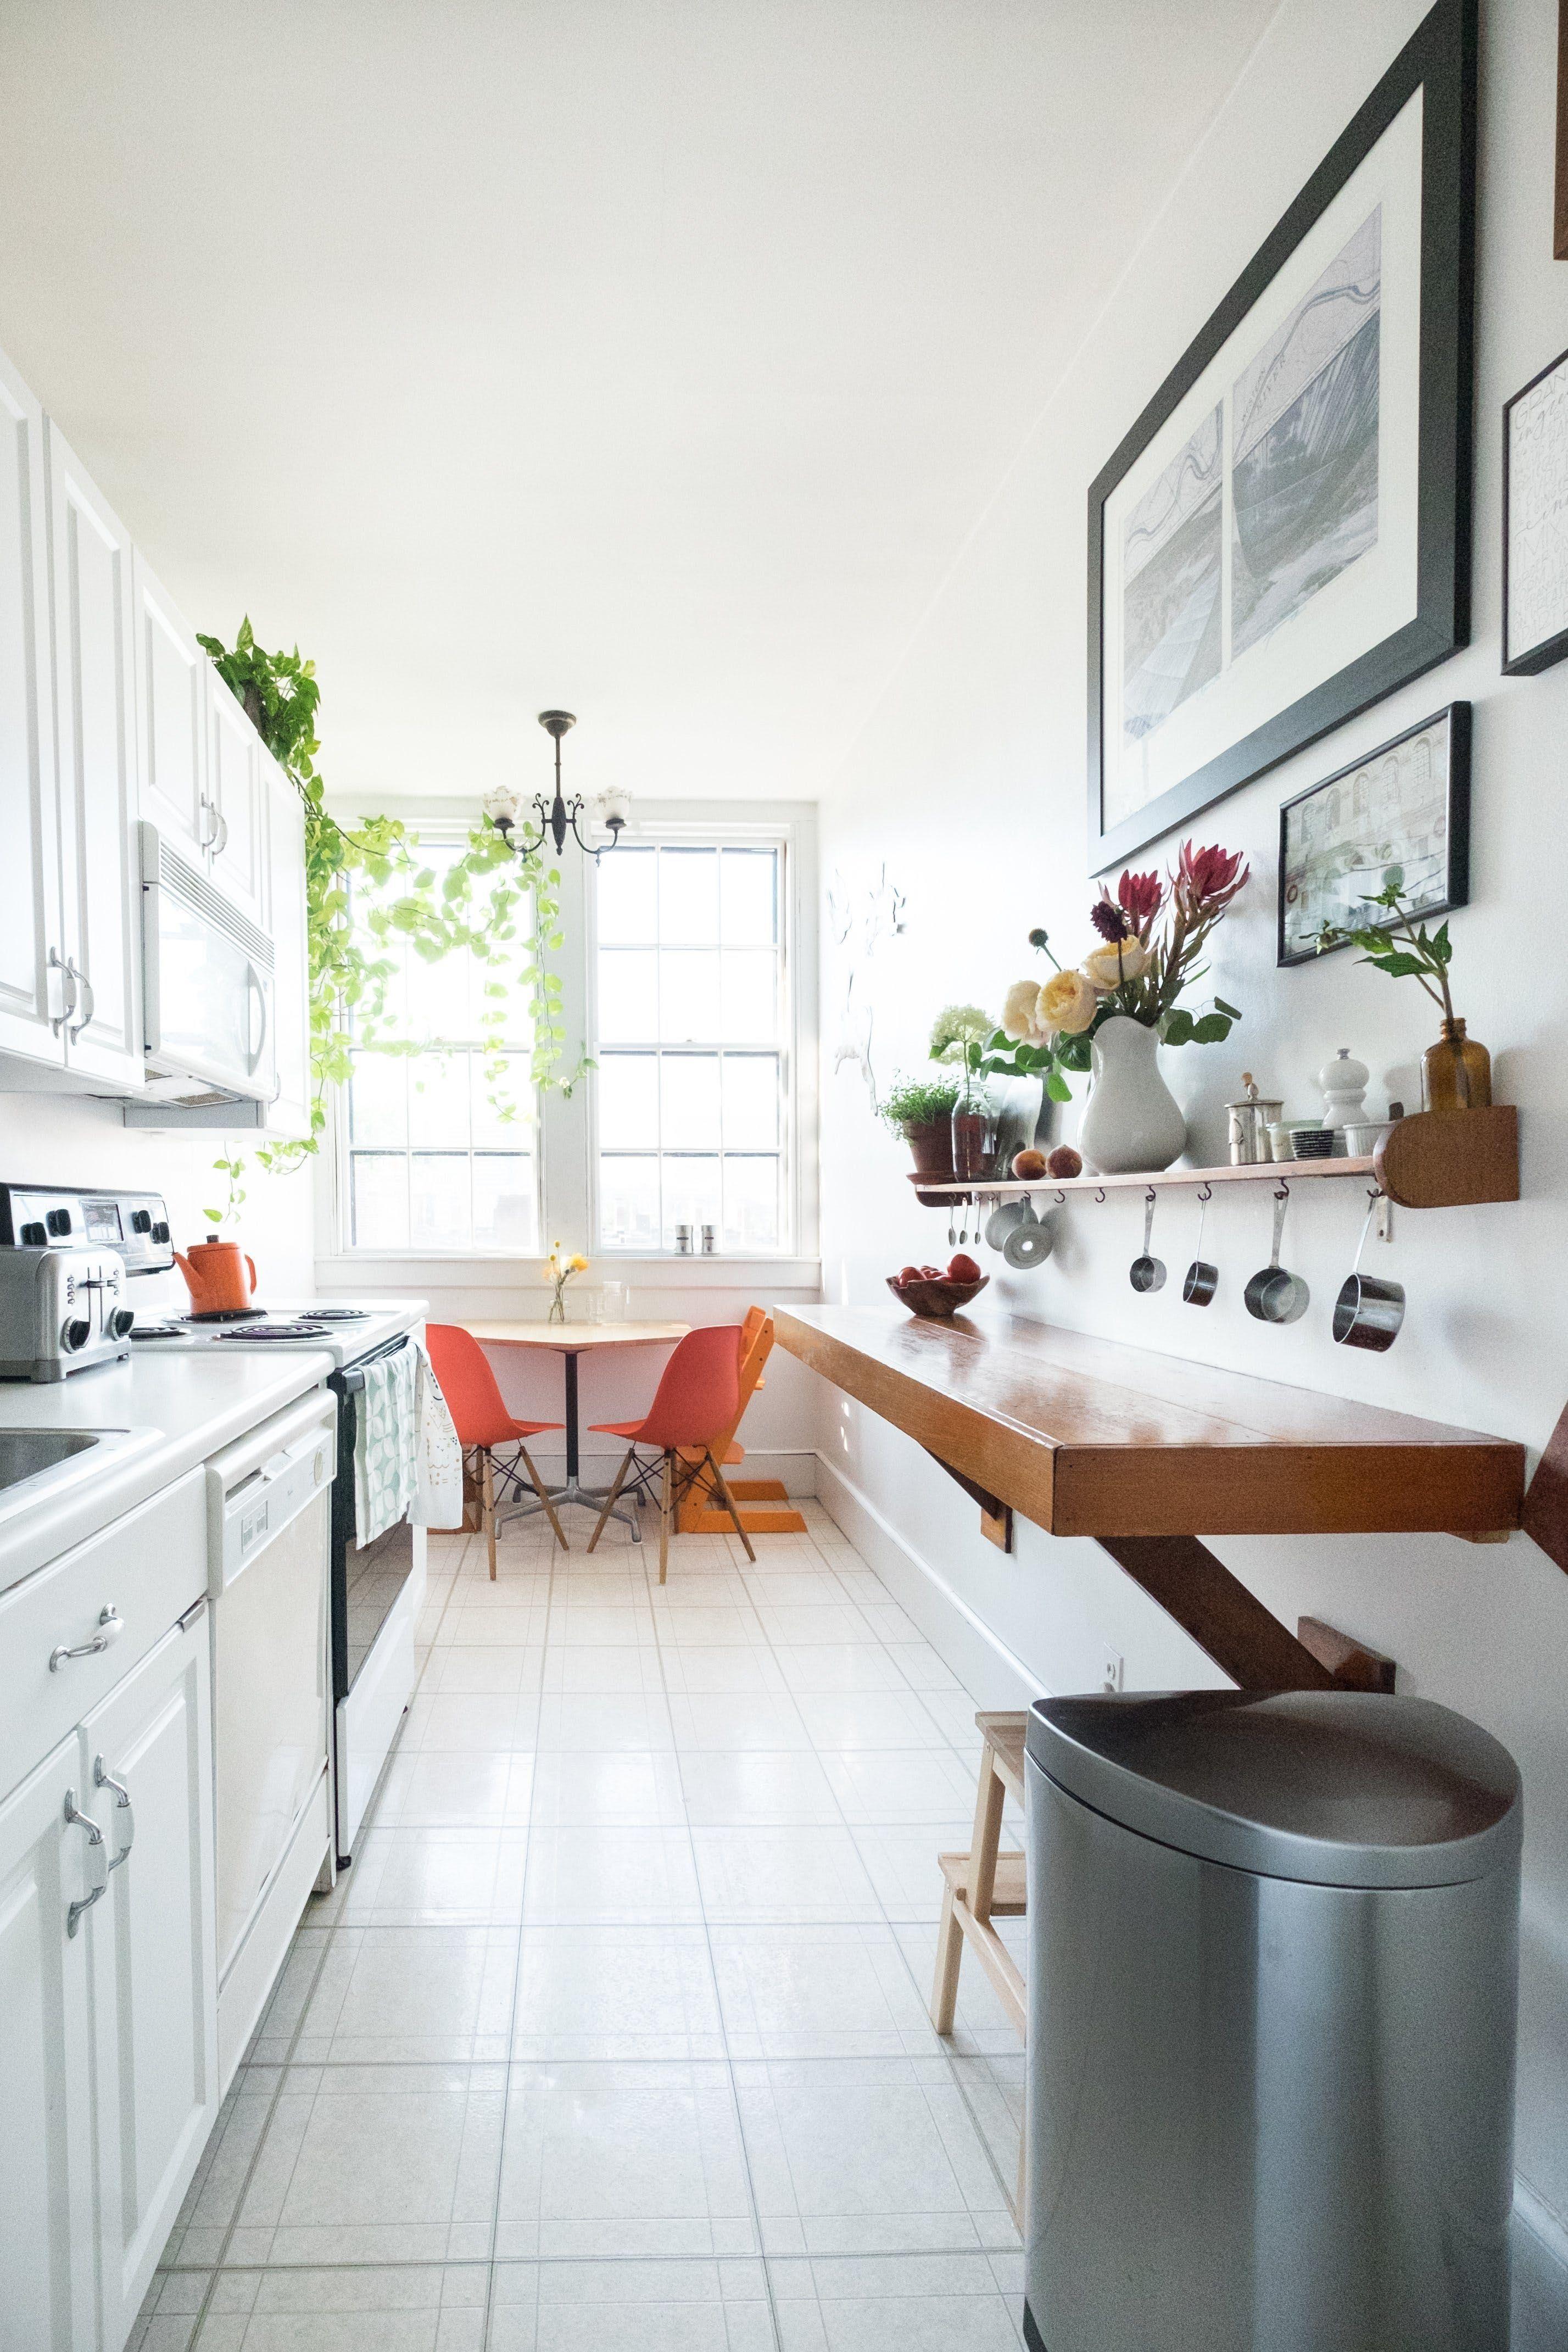 Mehr 6 Bestes Schmale Küche Einrichten Ideen Tisch in